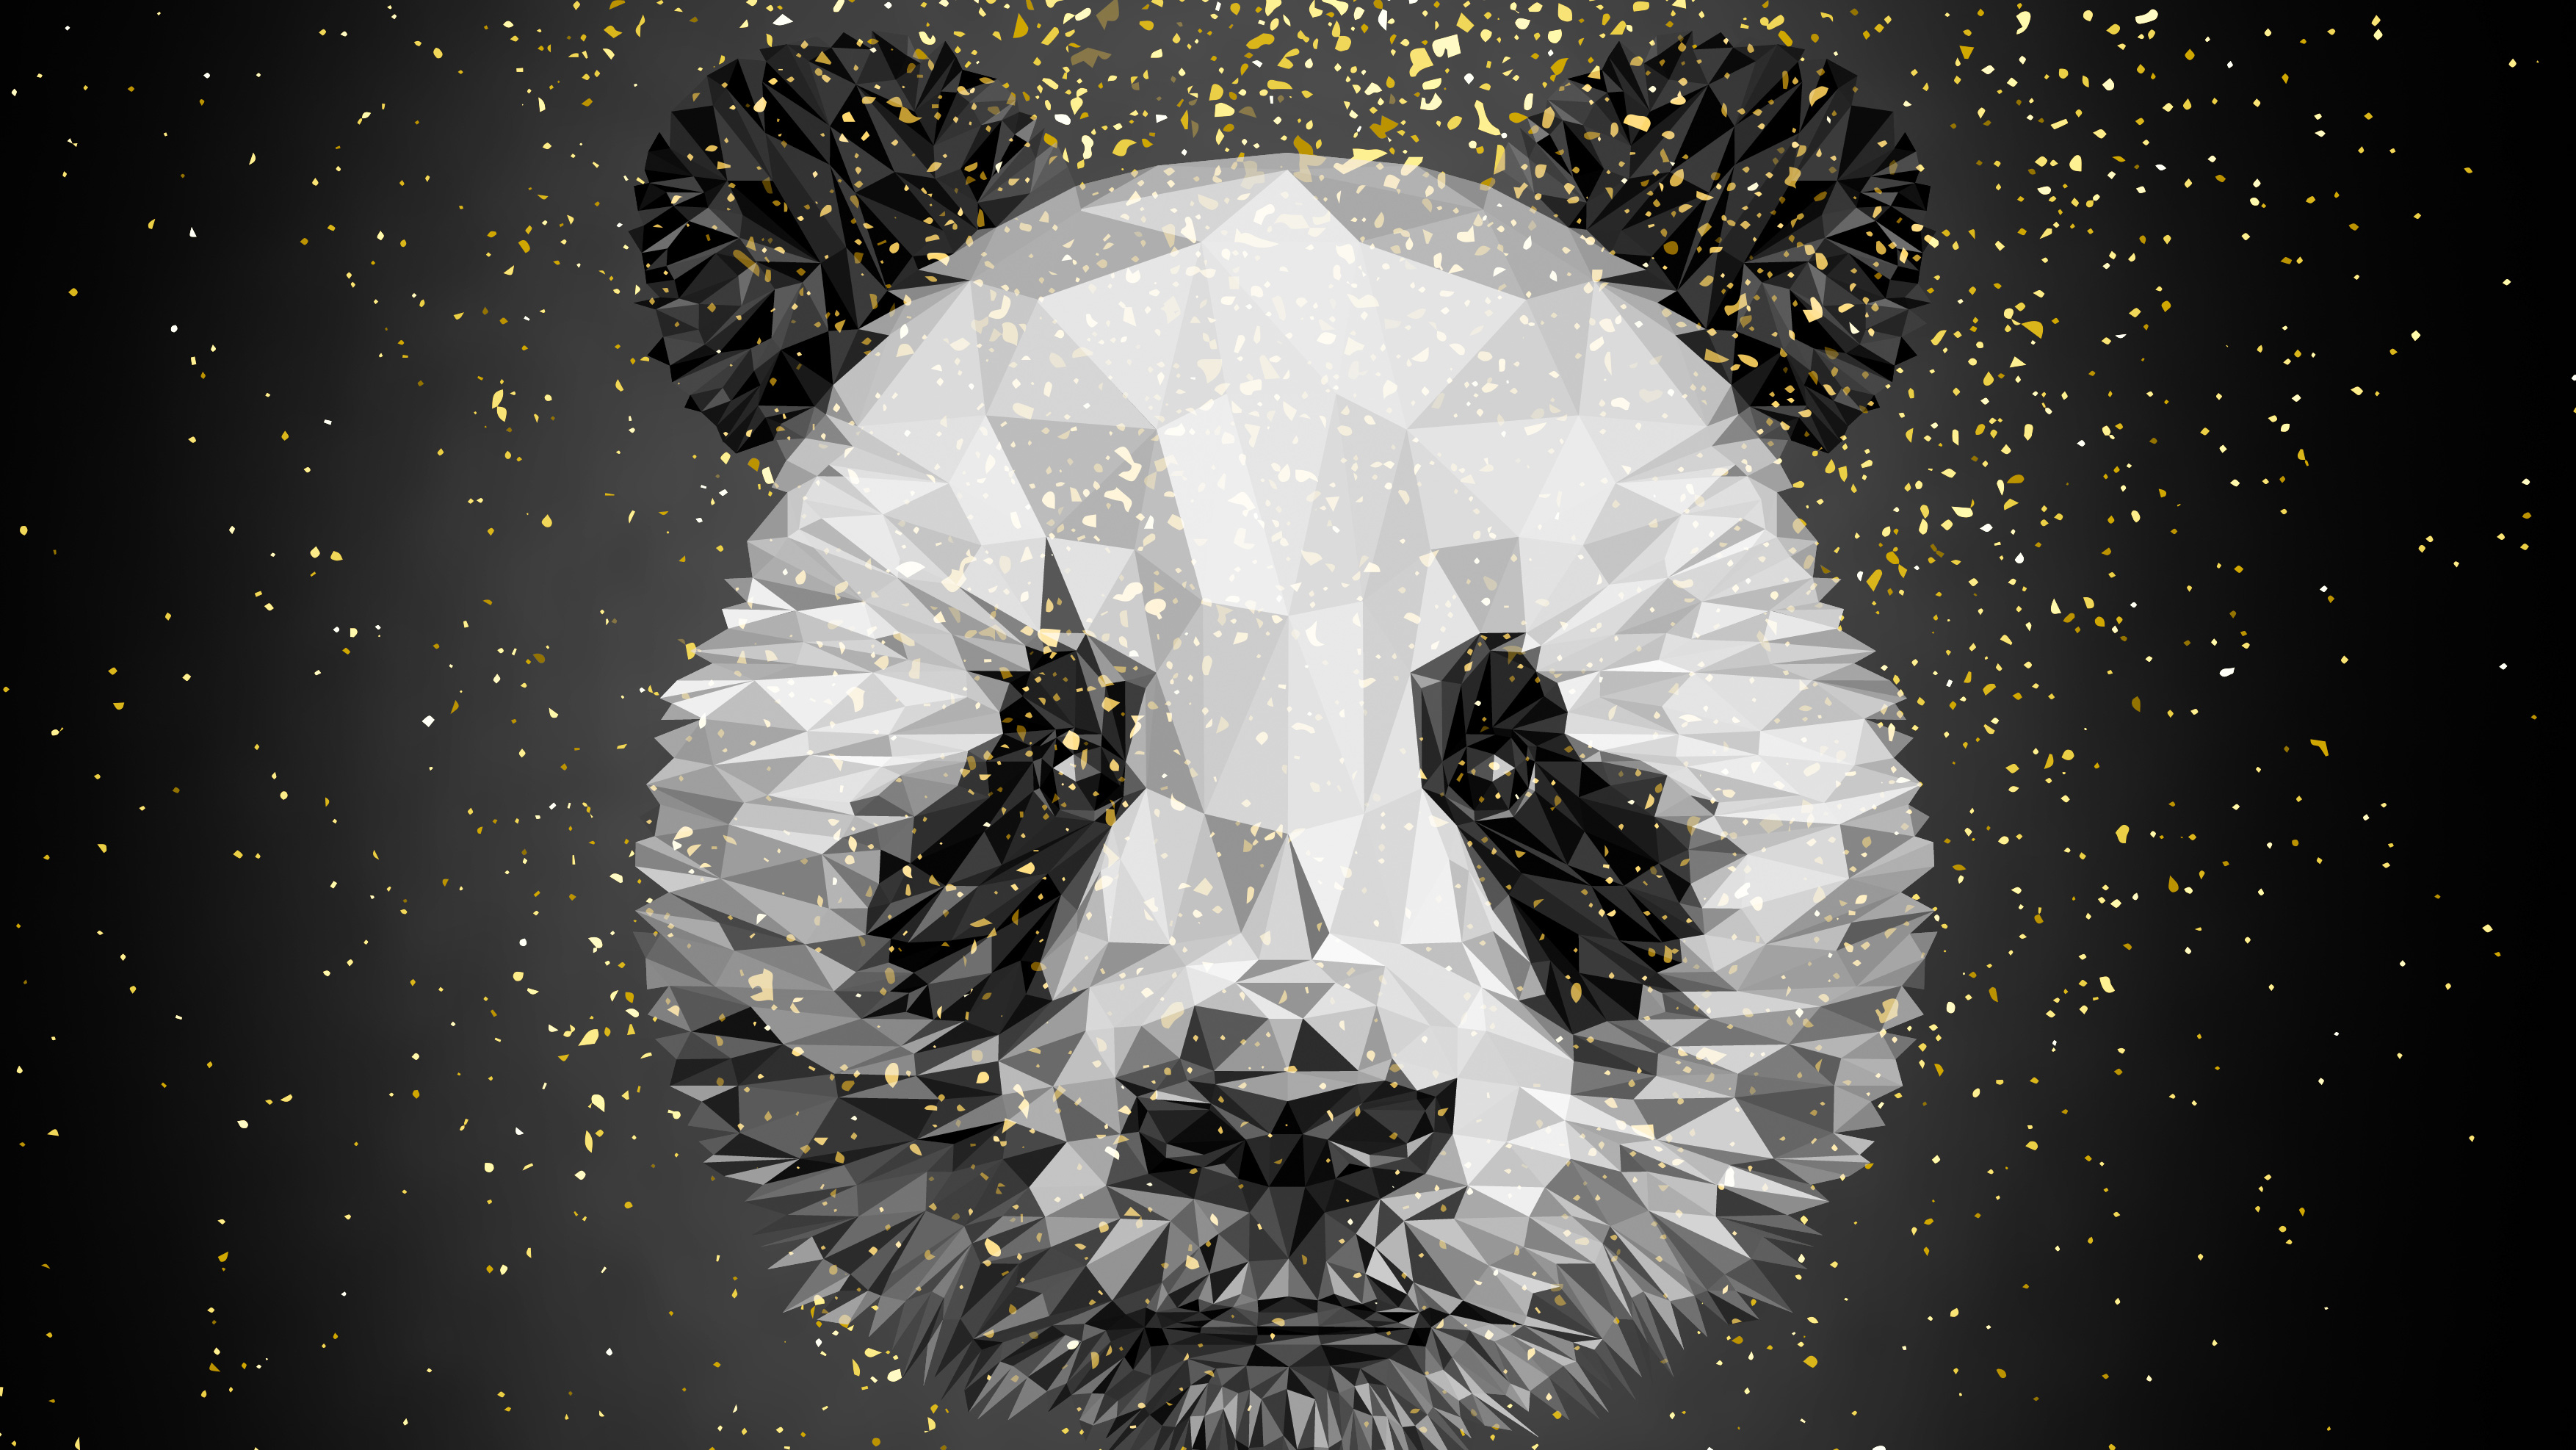 Panda Low Poly 4k, HD Artist, 4k